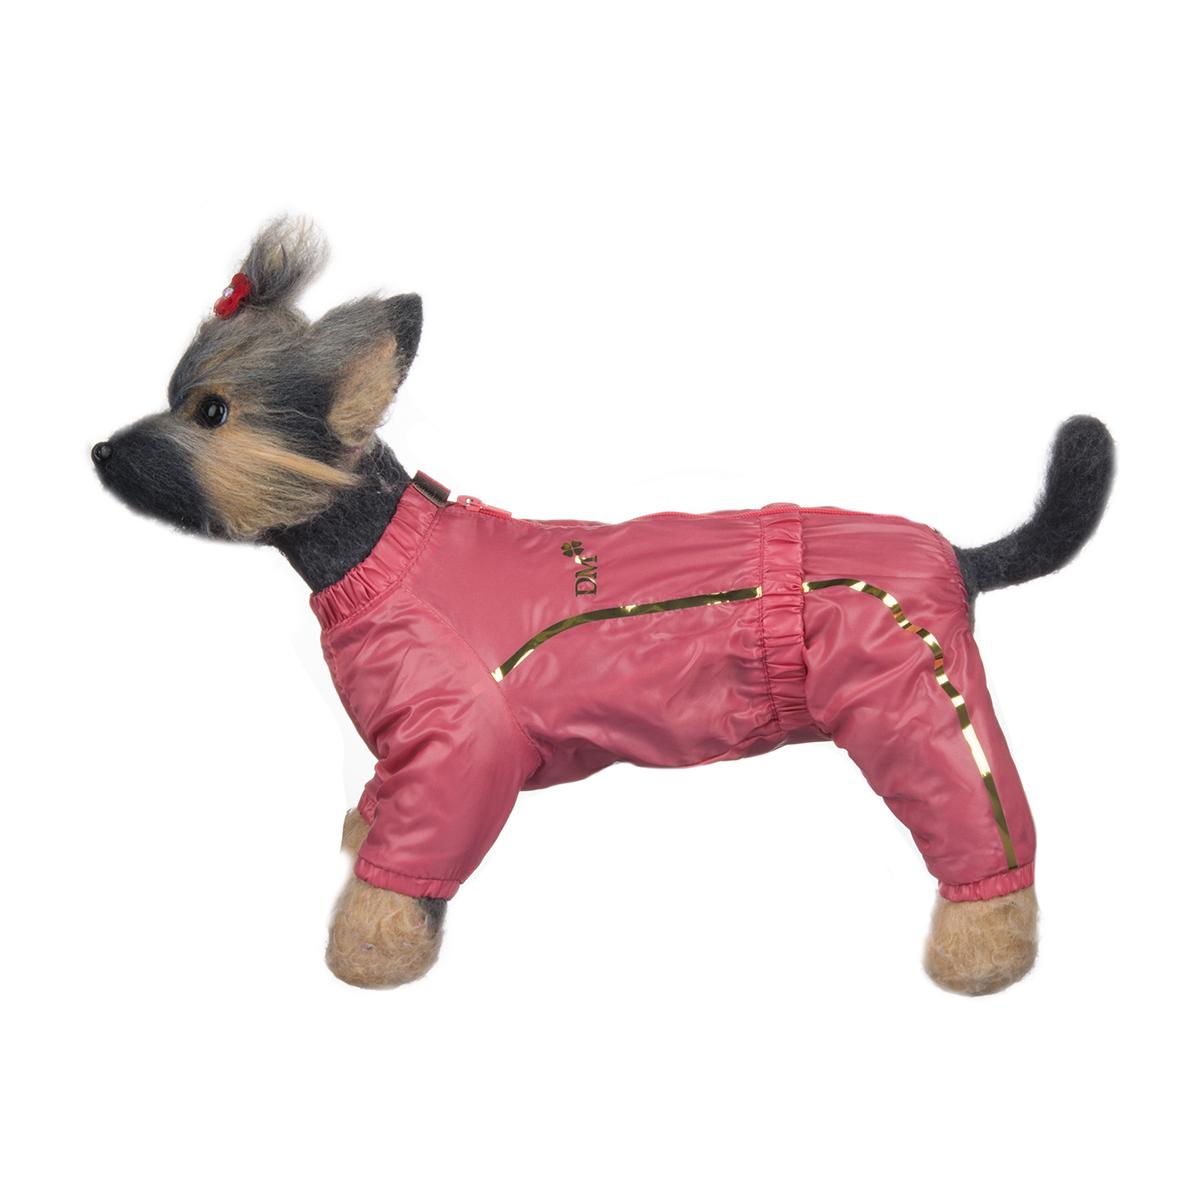 Комбинезон для собак Dogmoda Альпы, для девочки, цвет: коралловый. Размер 1 (S)0120710Комбинезон для собак Dogmoda Альпы отлично подойдет для прогулок поздней осенью или ранней весной.Комбинезон изготовлен из полиэстера, защищающего от ветра и осадков, с подкладкой из флиса, которая сохранит тепло и обеспечит отличный воздухообмен. Комбинезон застегивается на молнию и липучку, благодаря чему его легко надевать и снимать. Ворот, низ рукавов и брючин оснащены внутренними резинками, которые мягко обхватывают шею и лапки, не позволяя просачиваться холодному воздуху. На пояснице имеется внутренняя резинка. Изделие декорировано золотистыми полосками и надписью DM.Благодаря такому комбинезону простуда не грозит вашему питомцу и он не даст любимцу продрогнуть на прогулке.